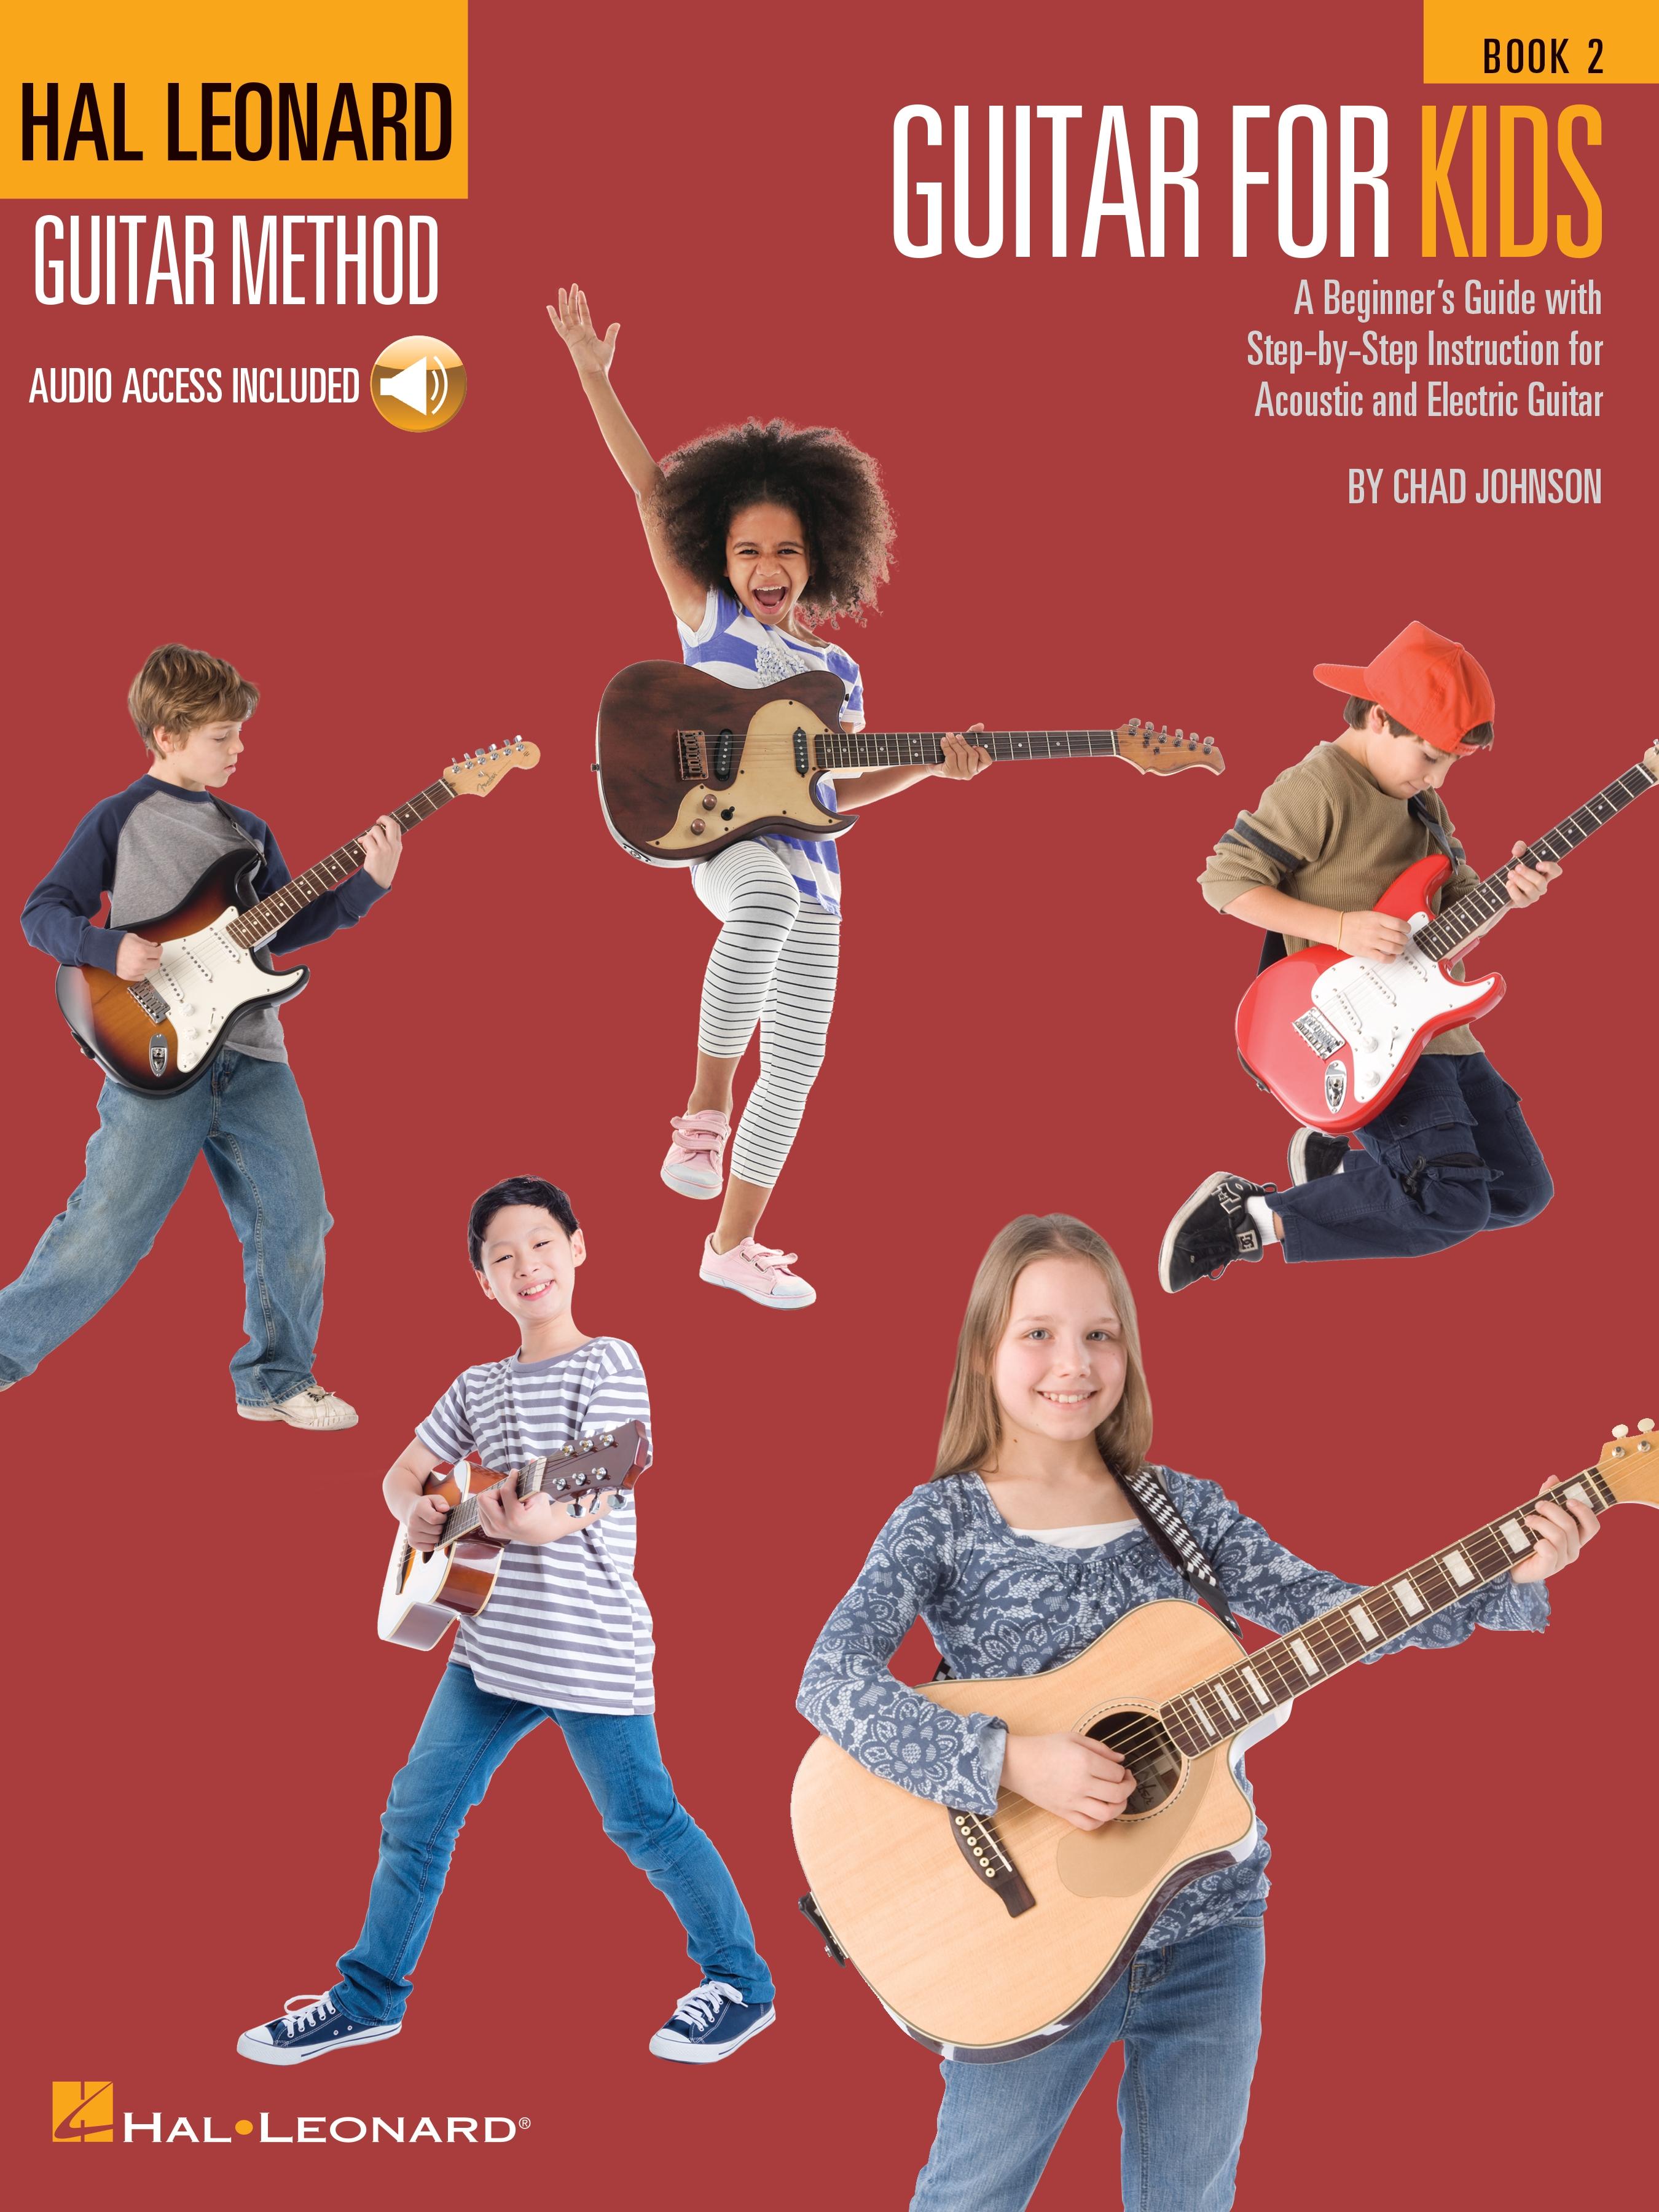 Guitar for Kids Vol. 2